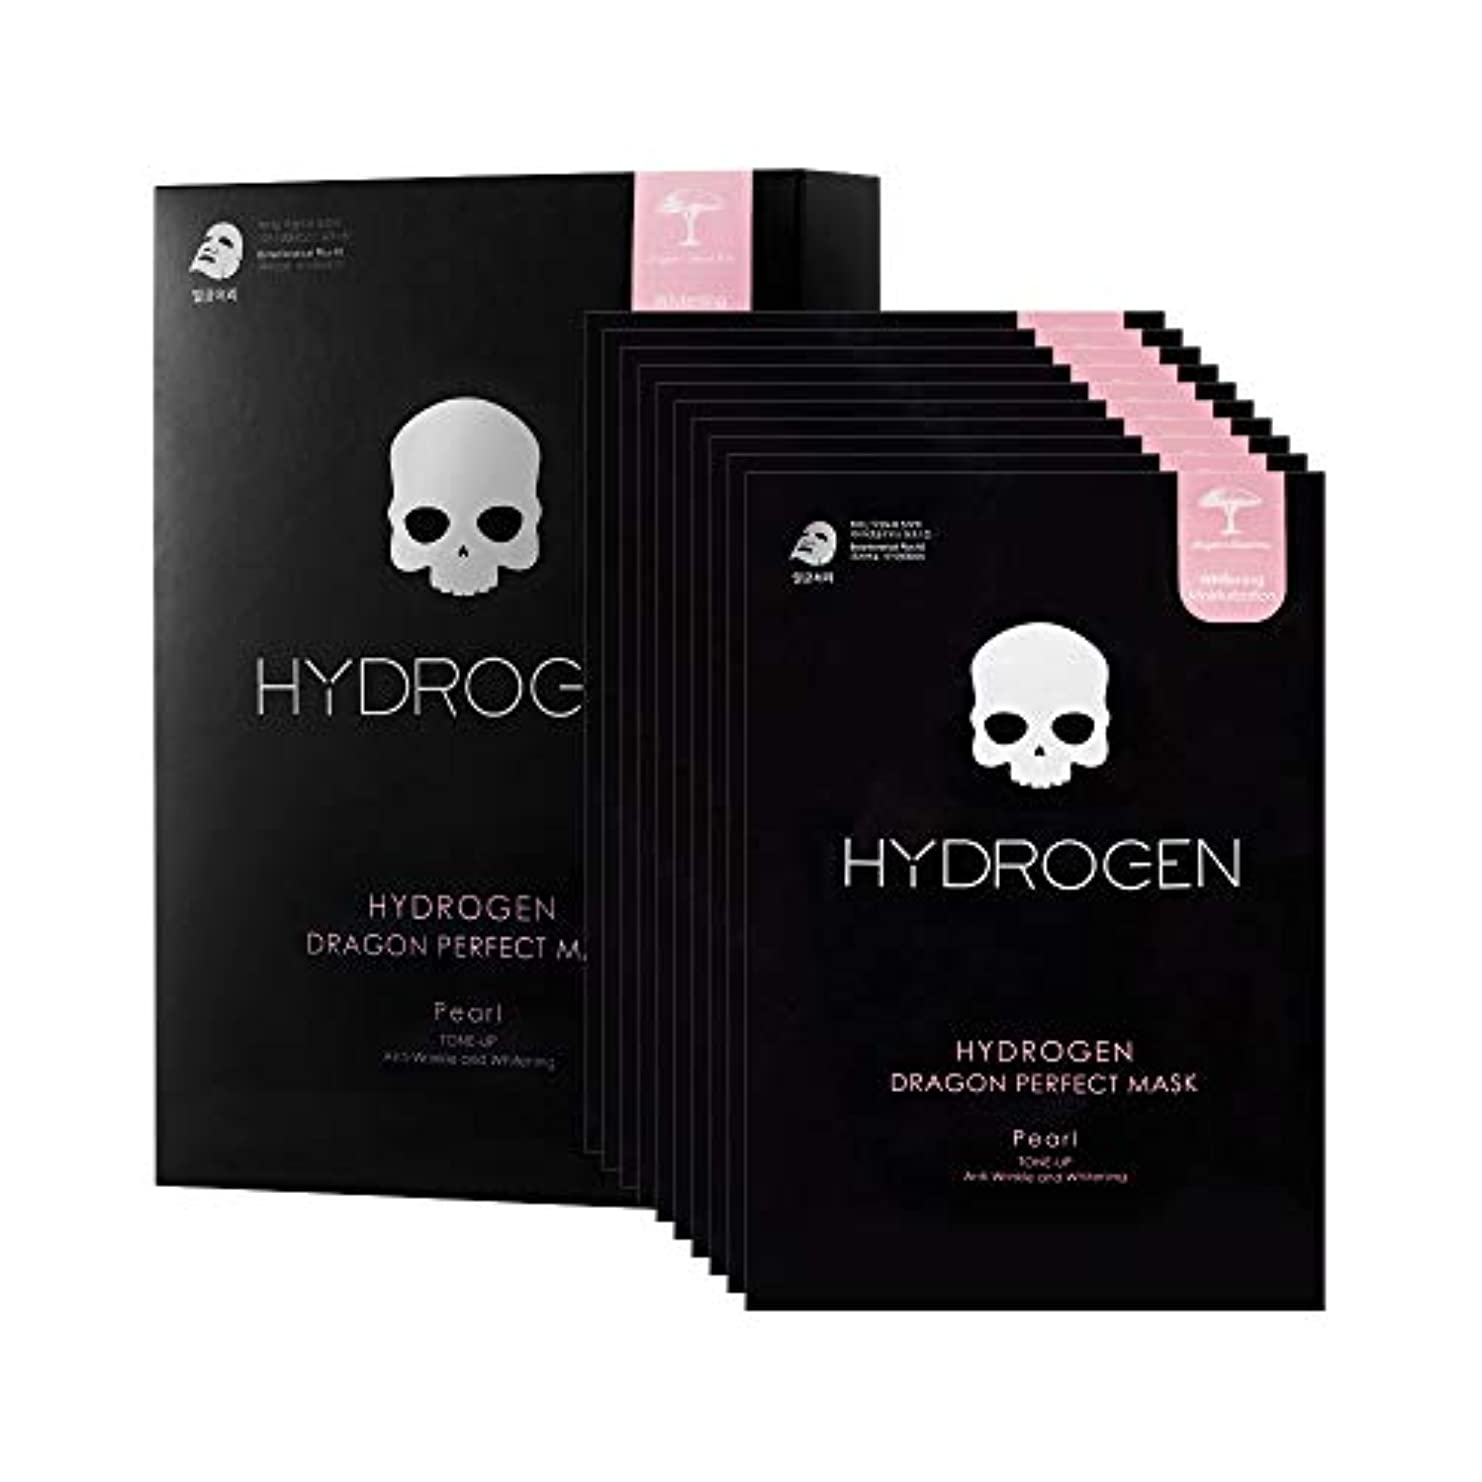 鉄道成果死ぬ【HYDROGEN】ハイドロゲンドラゴンパーフェクトマスク HYDROGEN DRAGON PERFECT MASK [10枚入り]